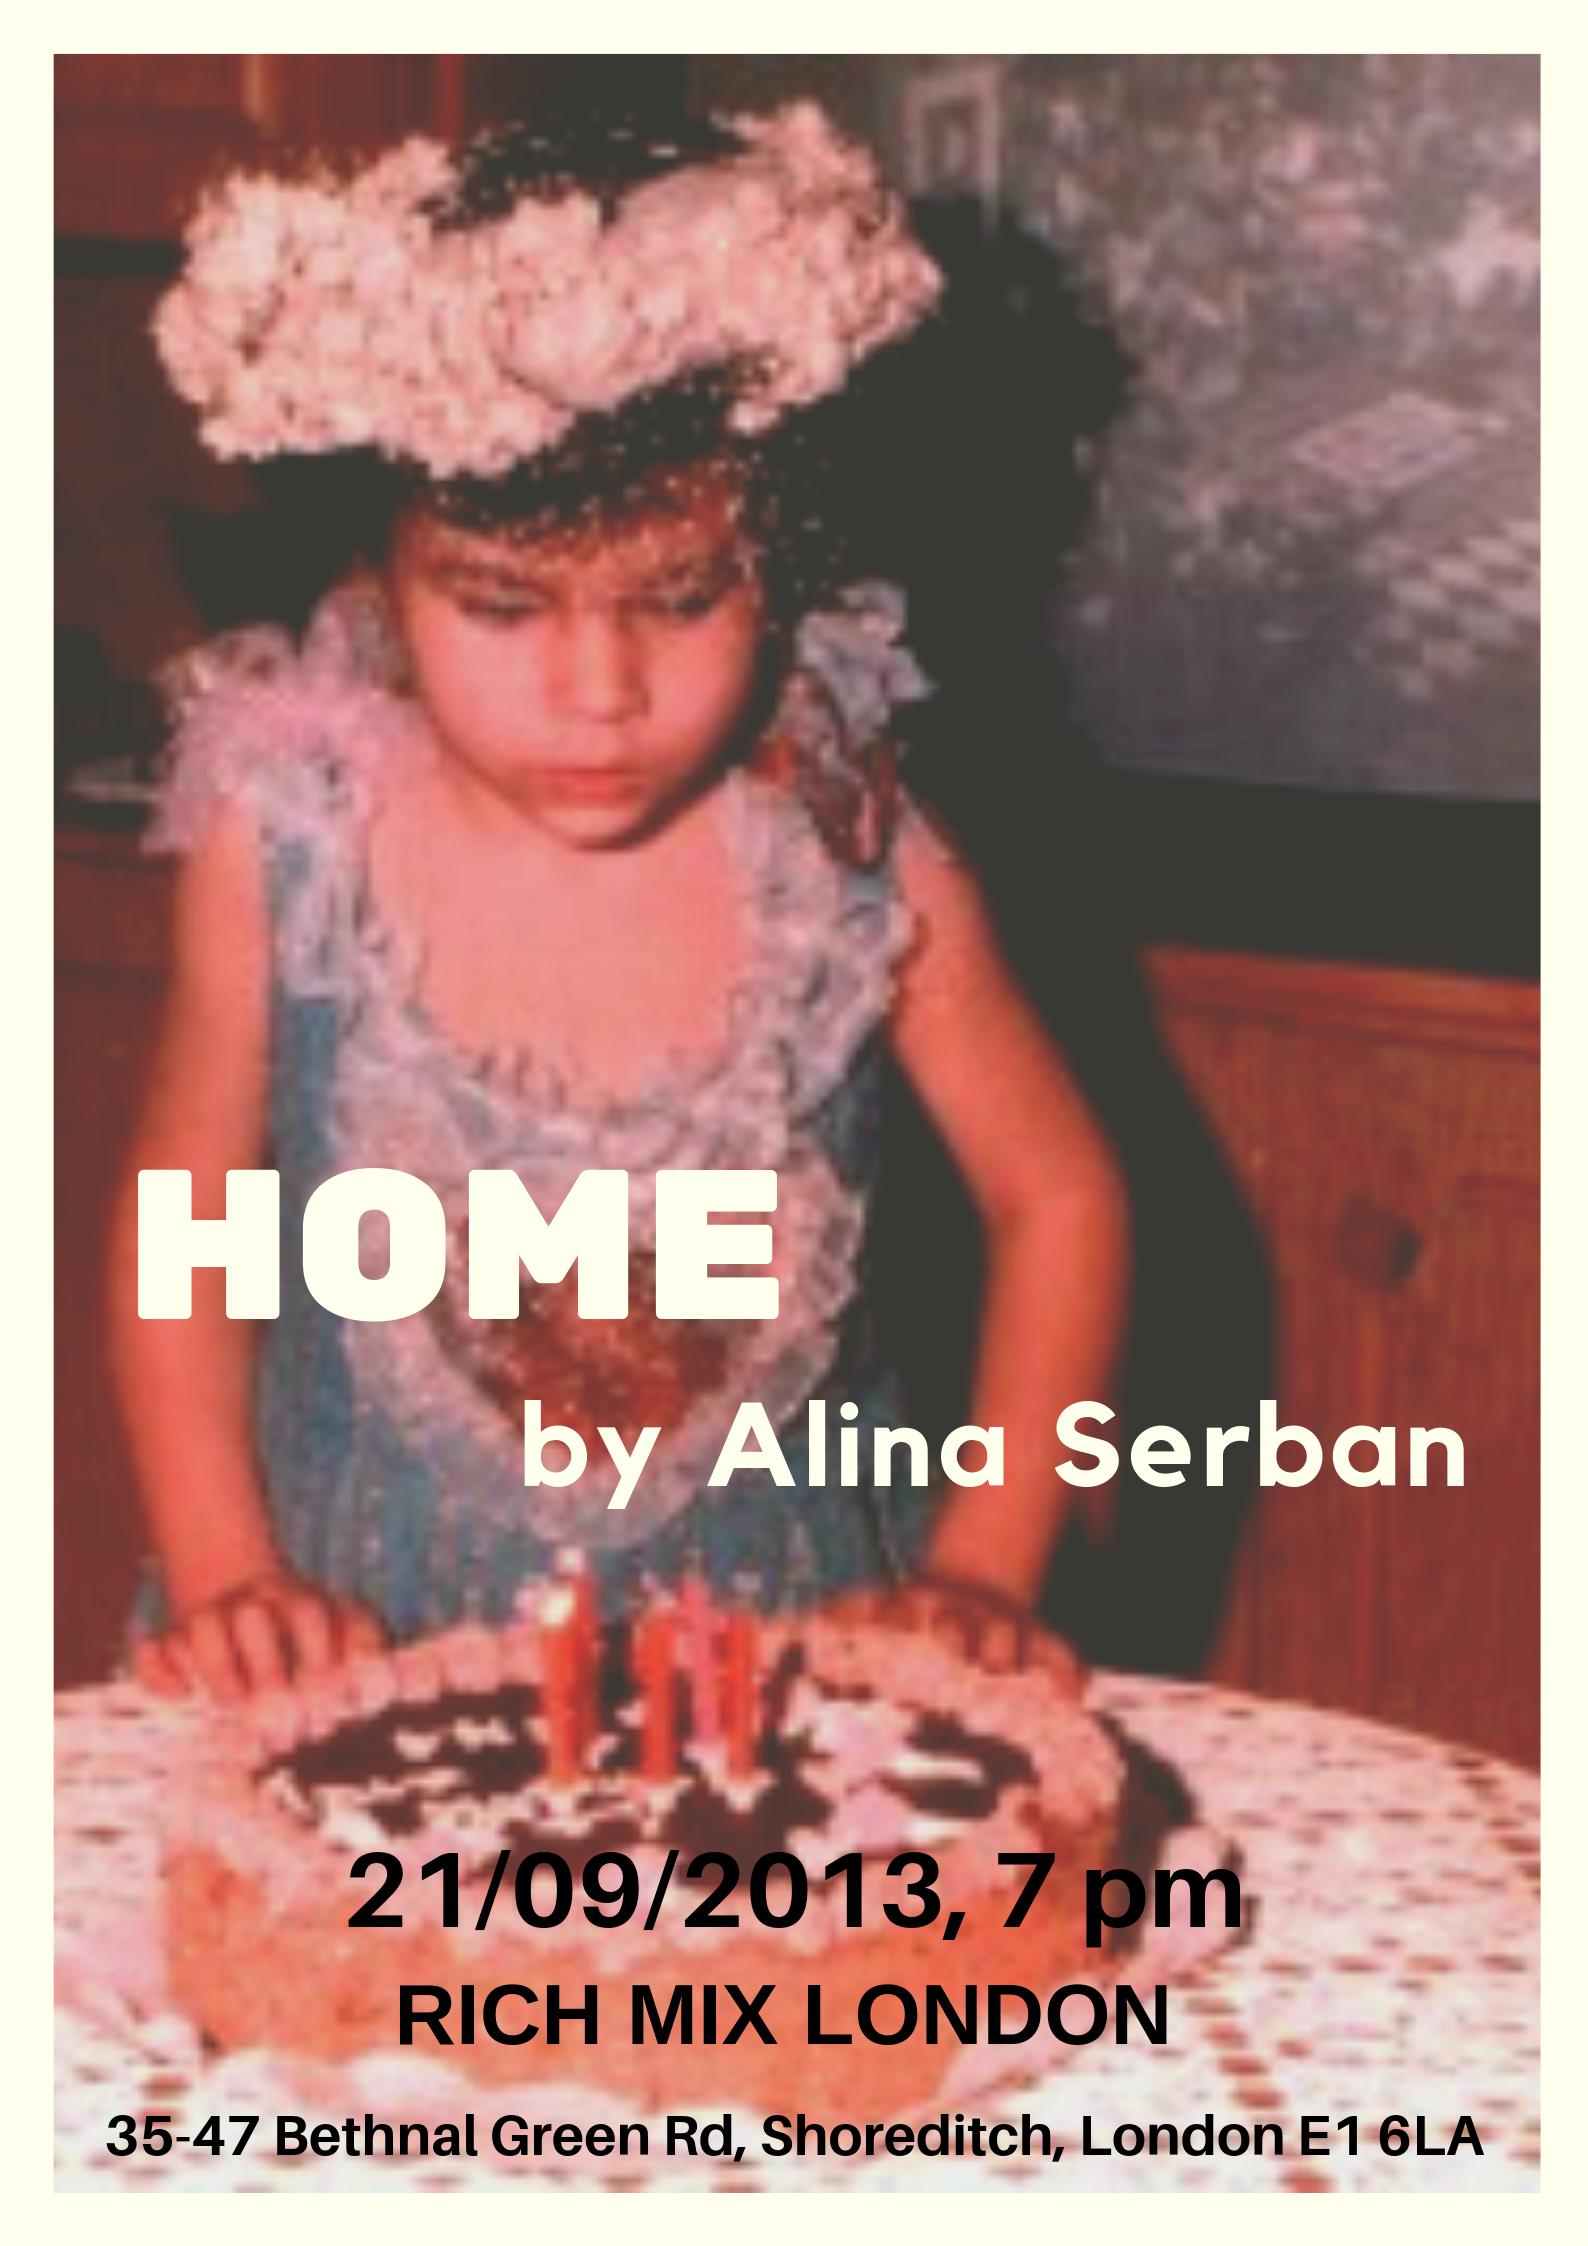 Home_by Alina Serban